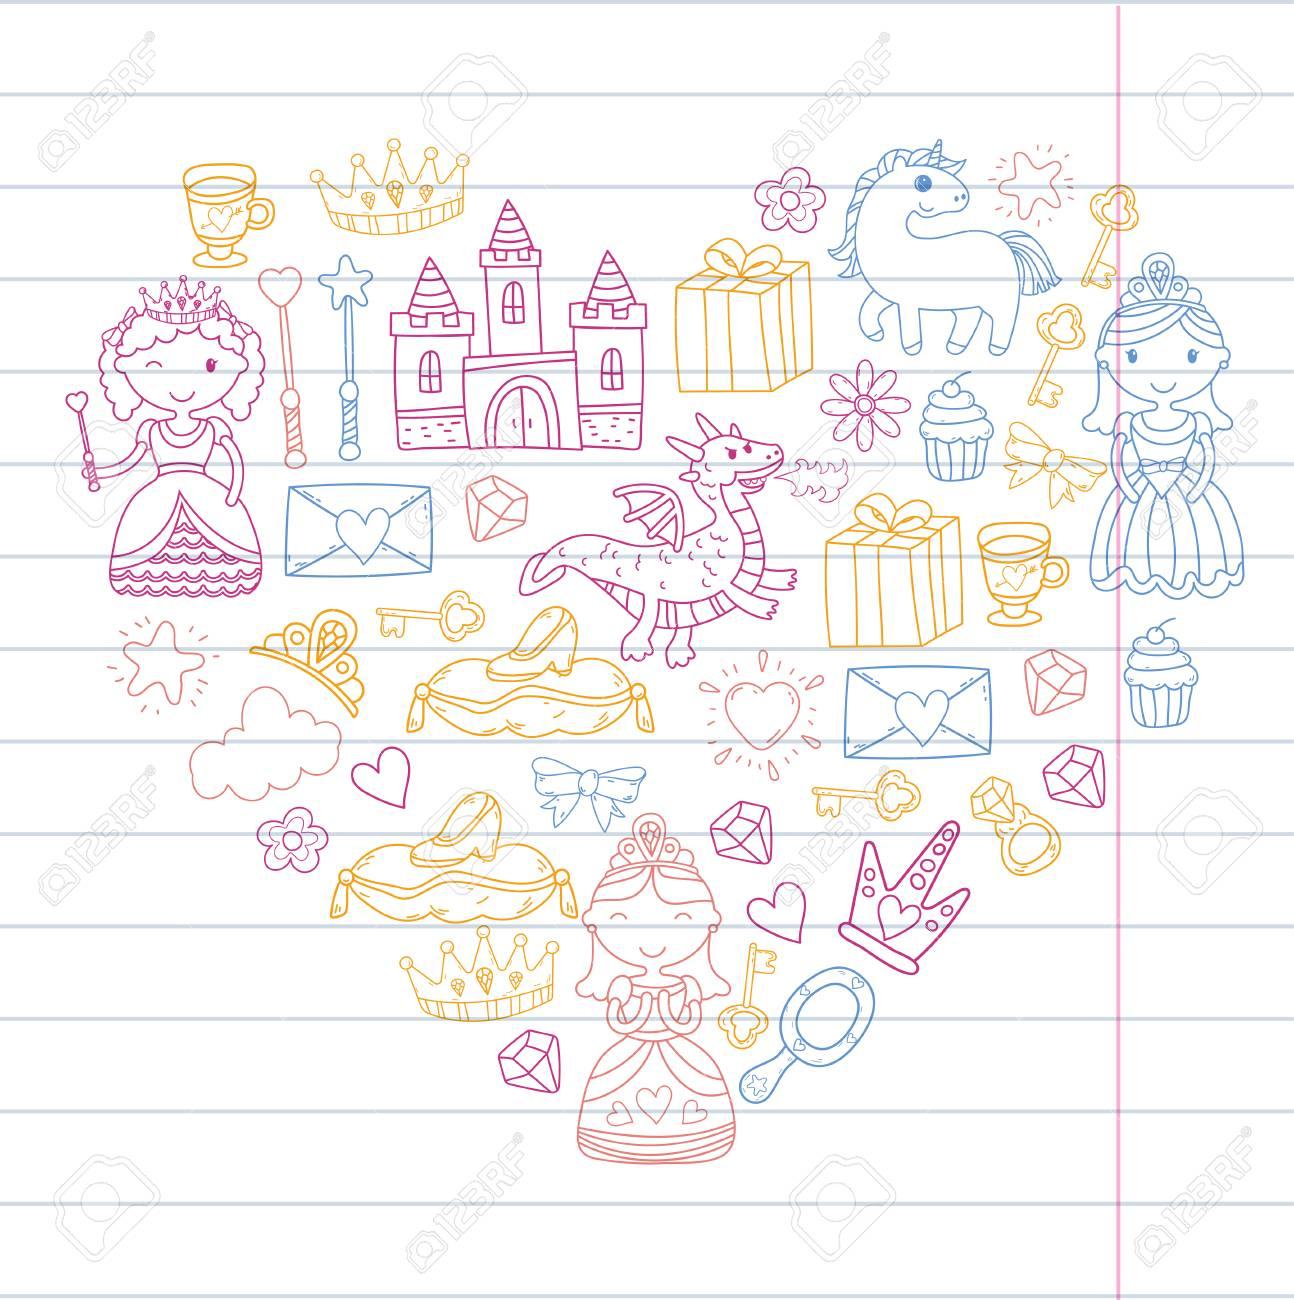 Conjunto De Doodle Princesa Y Fantasía Icono Y Elemento Para Invitación Y Tarjeta De Felicitación Niños Dibujo Preescolar Escuela Patrón De Diseño